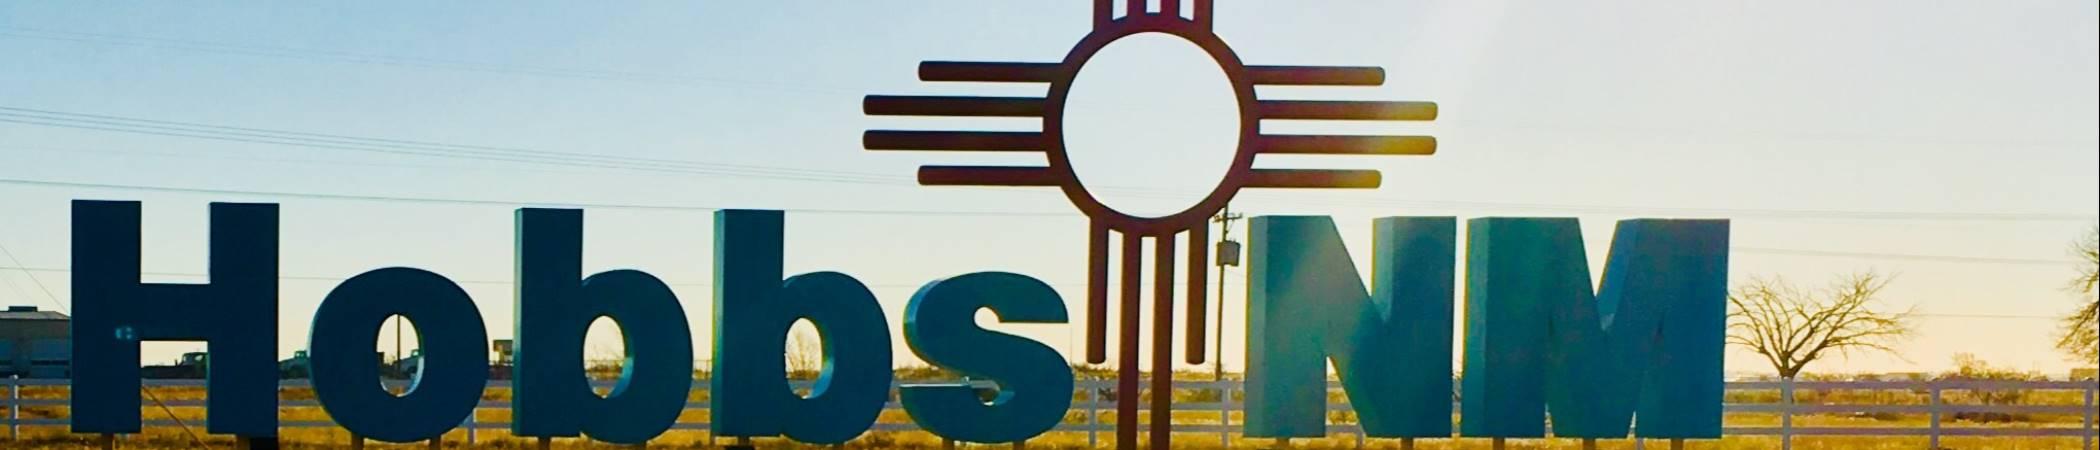 Armando Ornelas State Farm Insurance in Hobbs, NM | Home, Auto Insurance & more